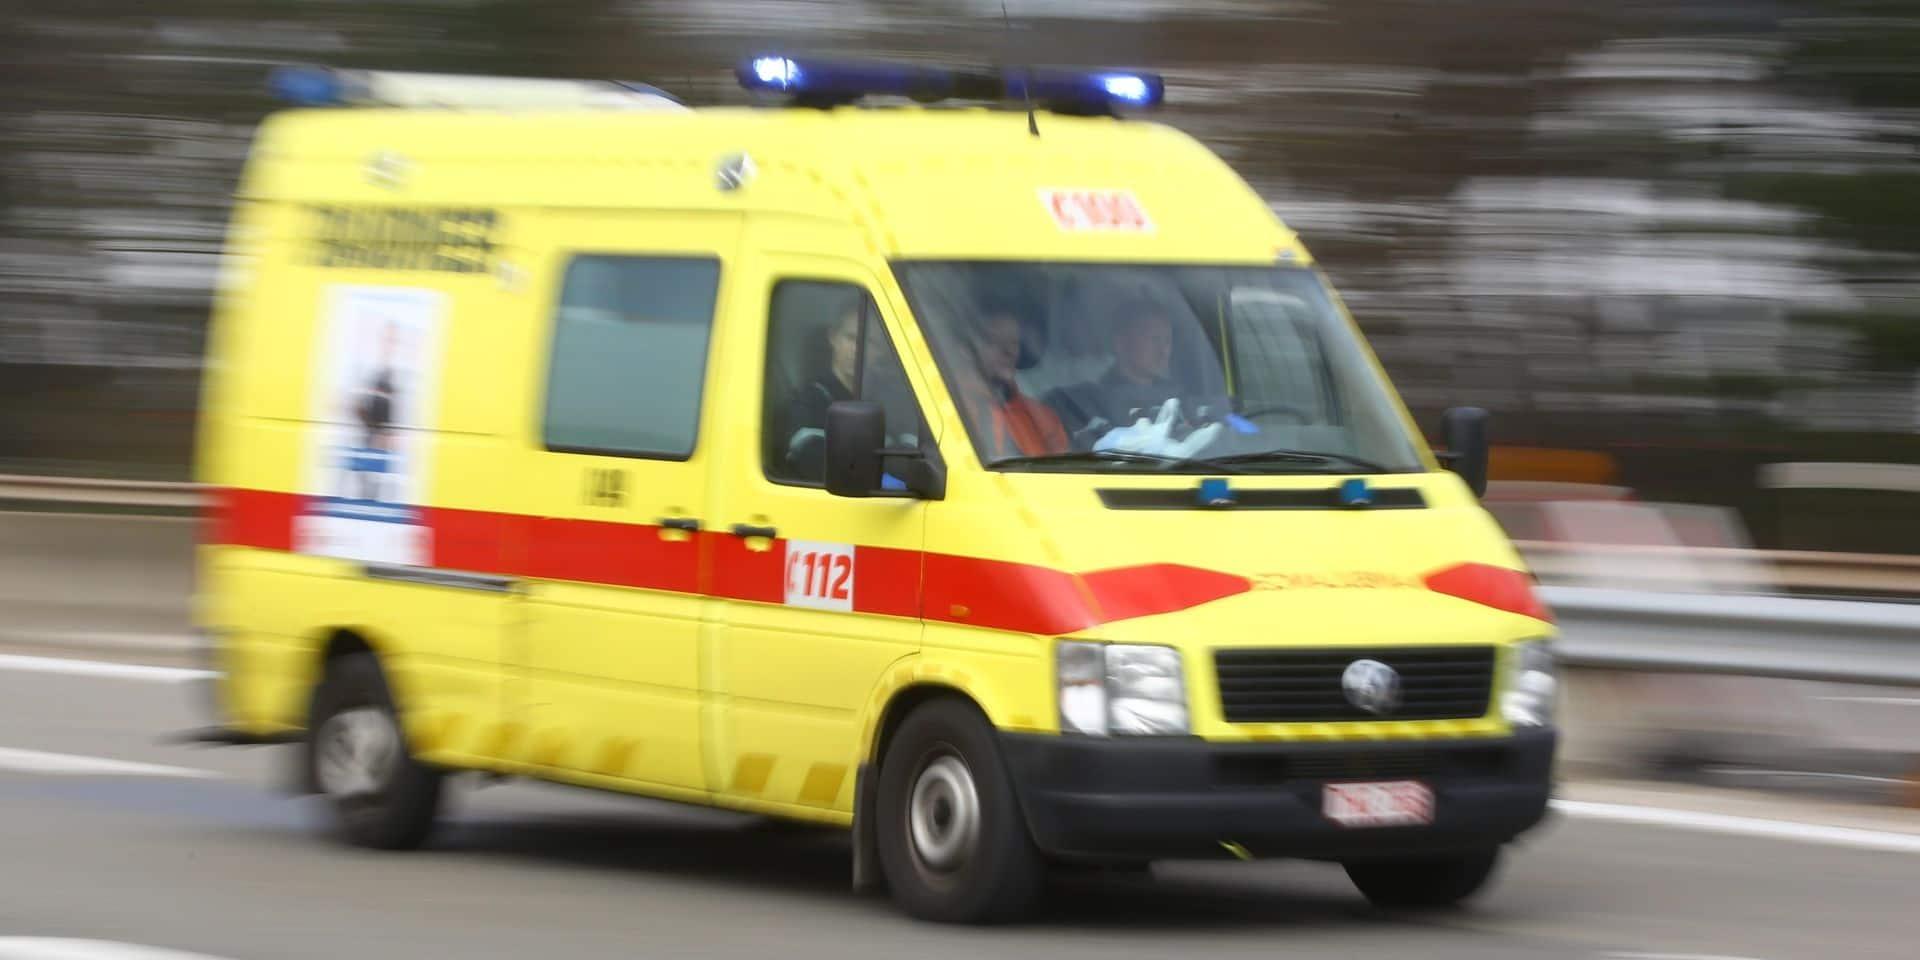 Collision frontale entre Sclayn et Thon-Samson : plusieurs blessés dont des enfants